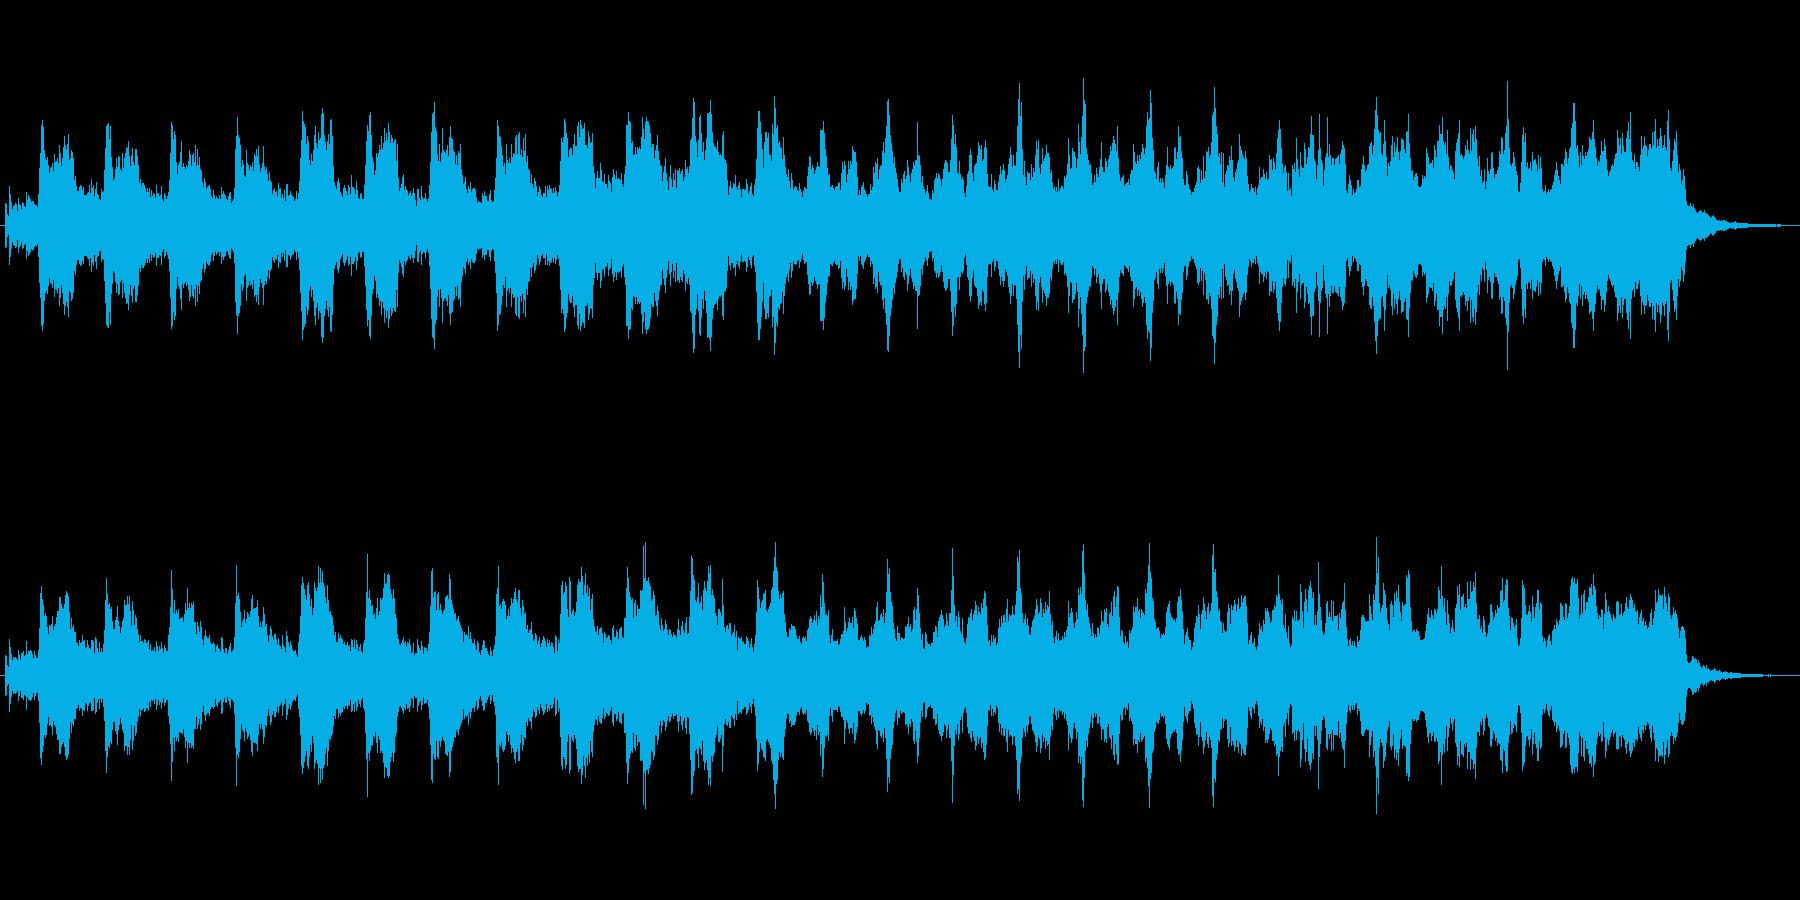 キラキラしたメルヘンチックなジングル6の再生済みの波形